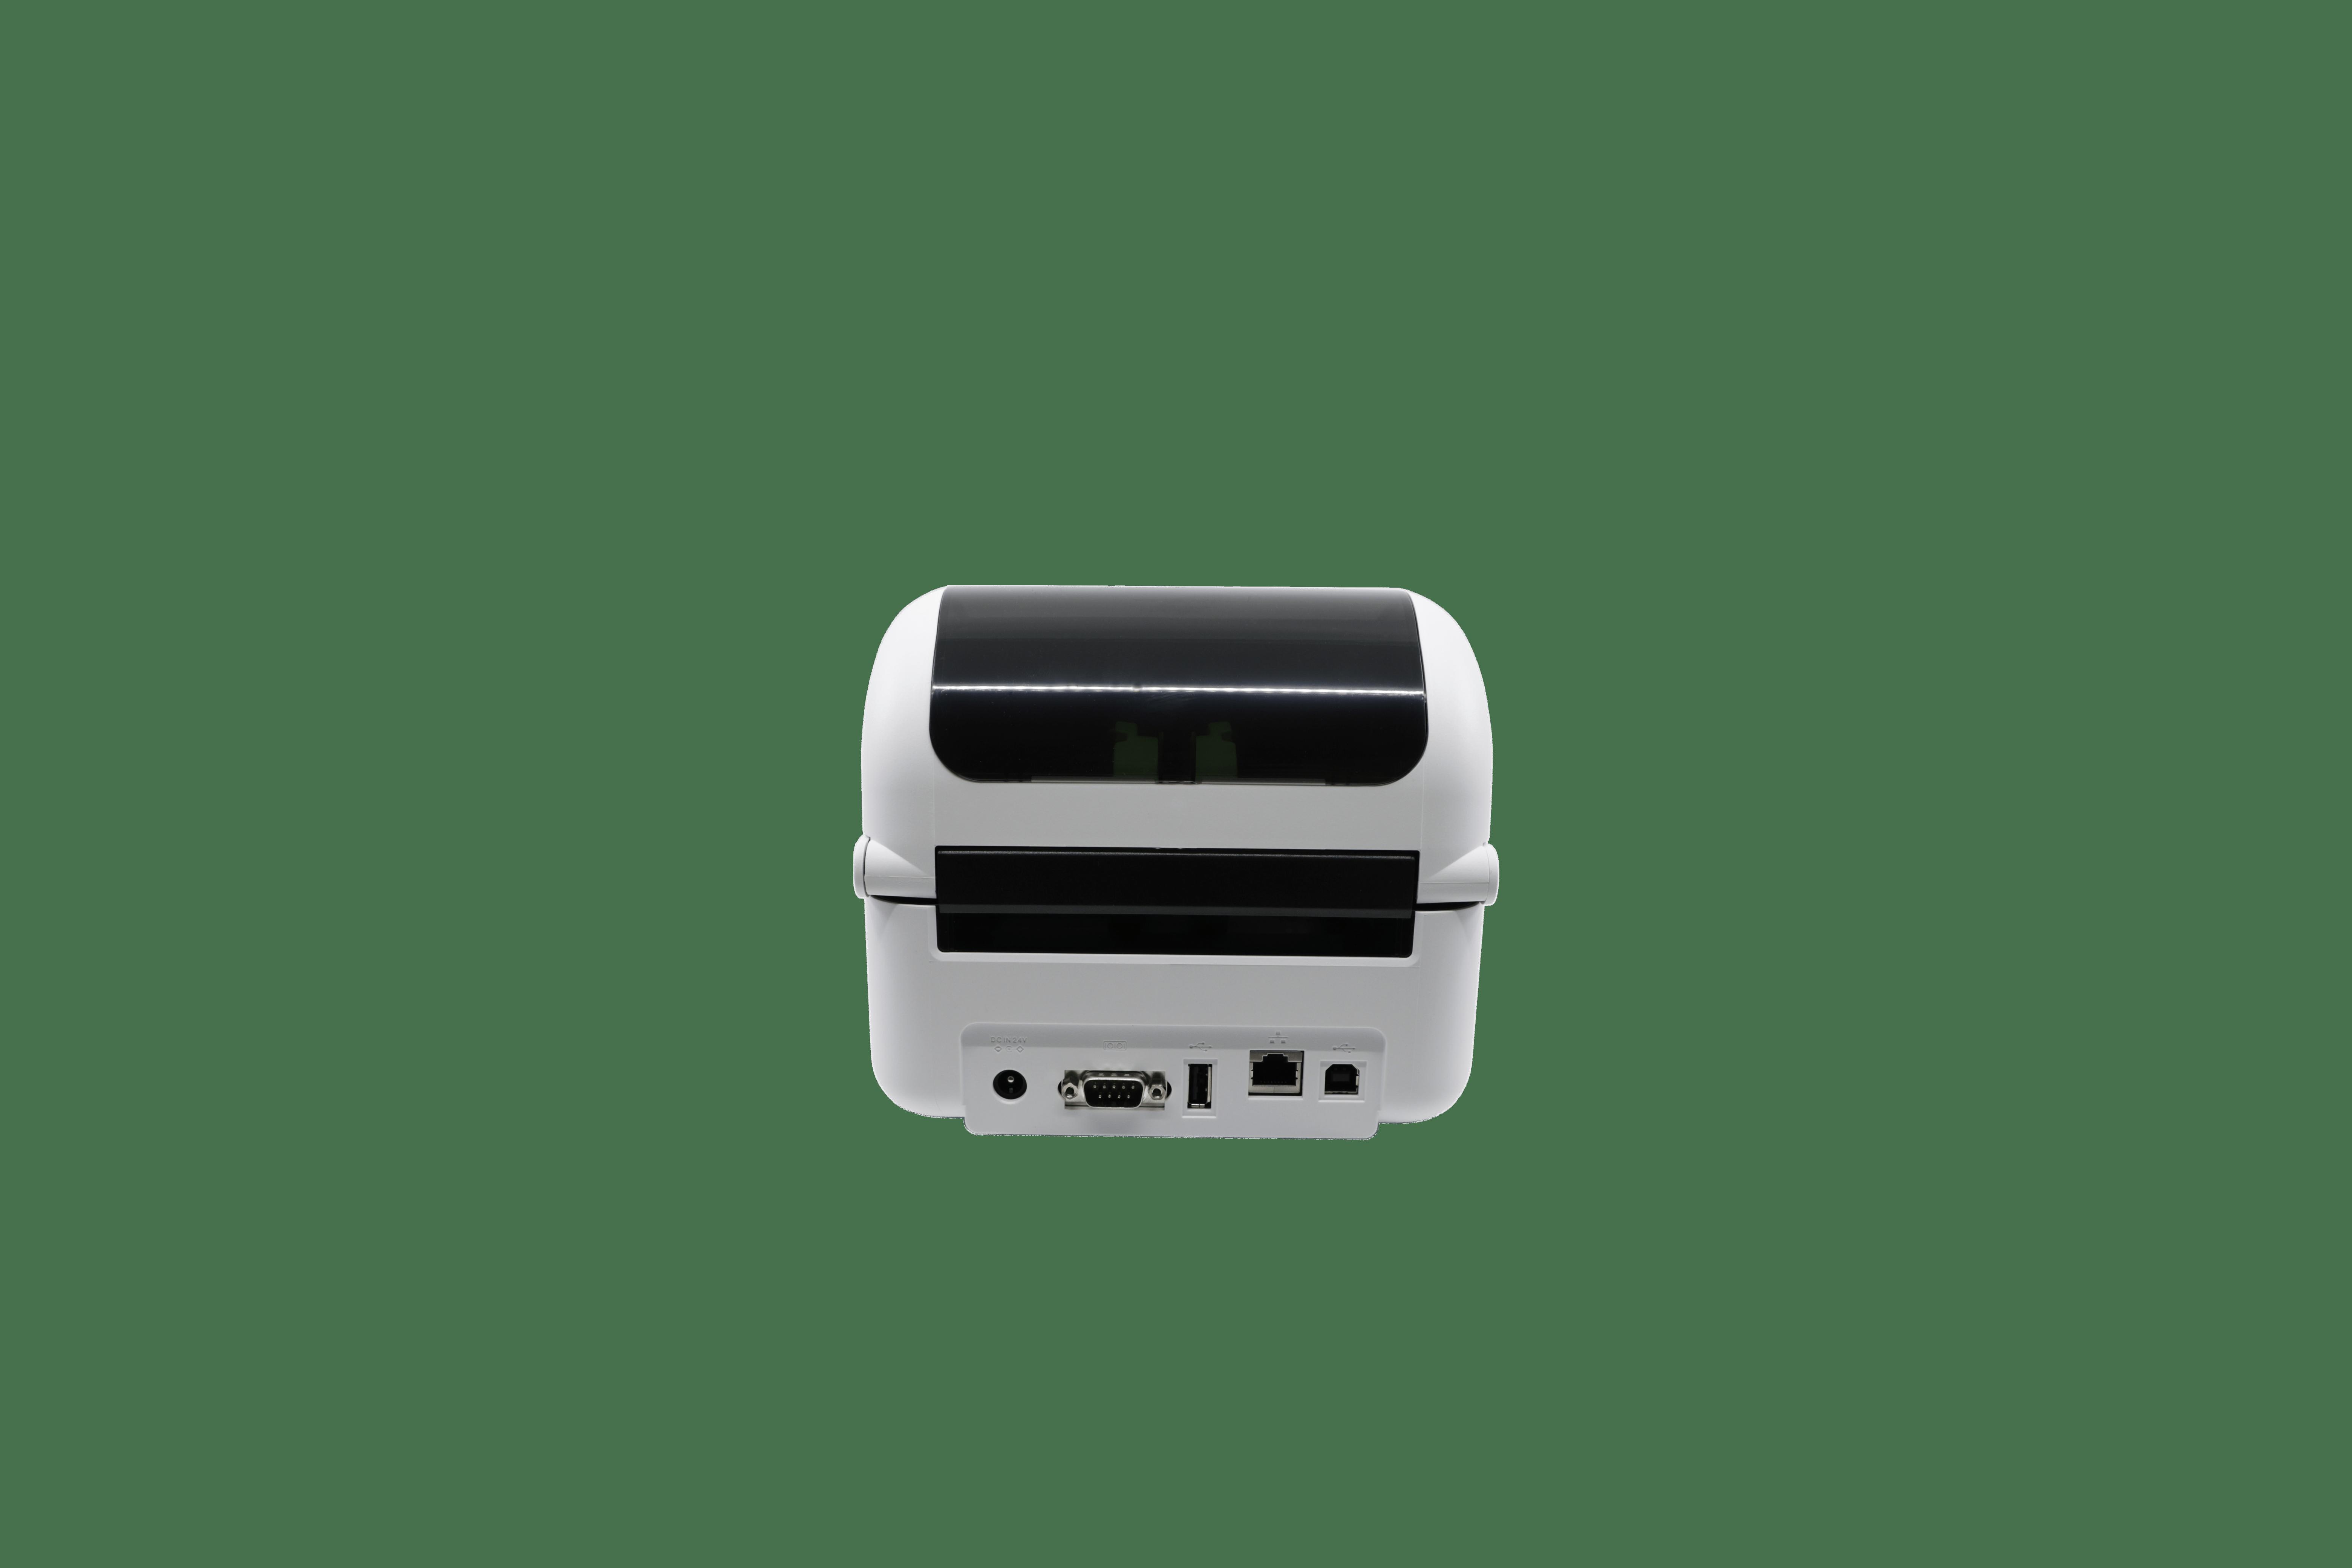 TD-4550DNWB_back